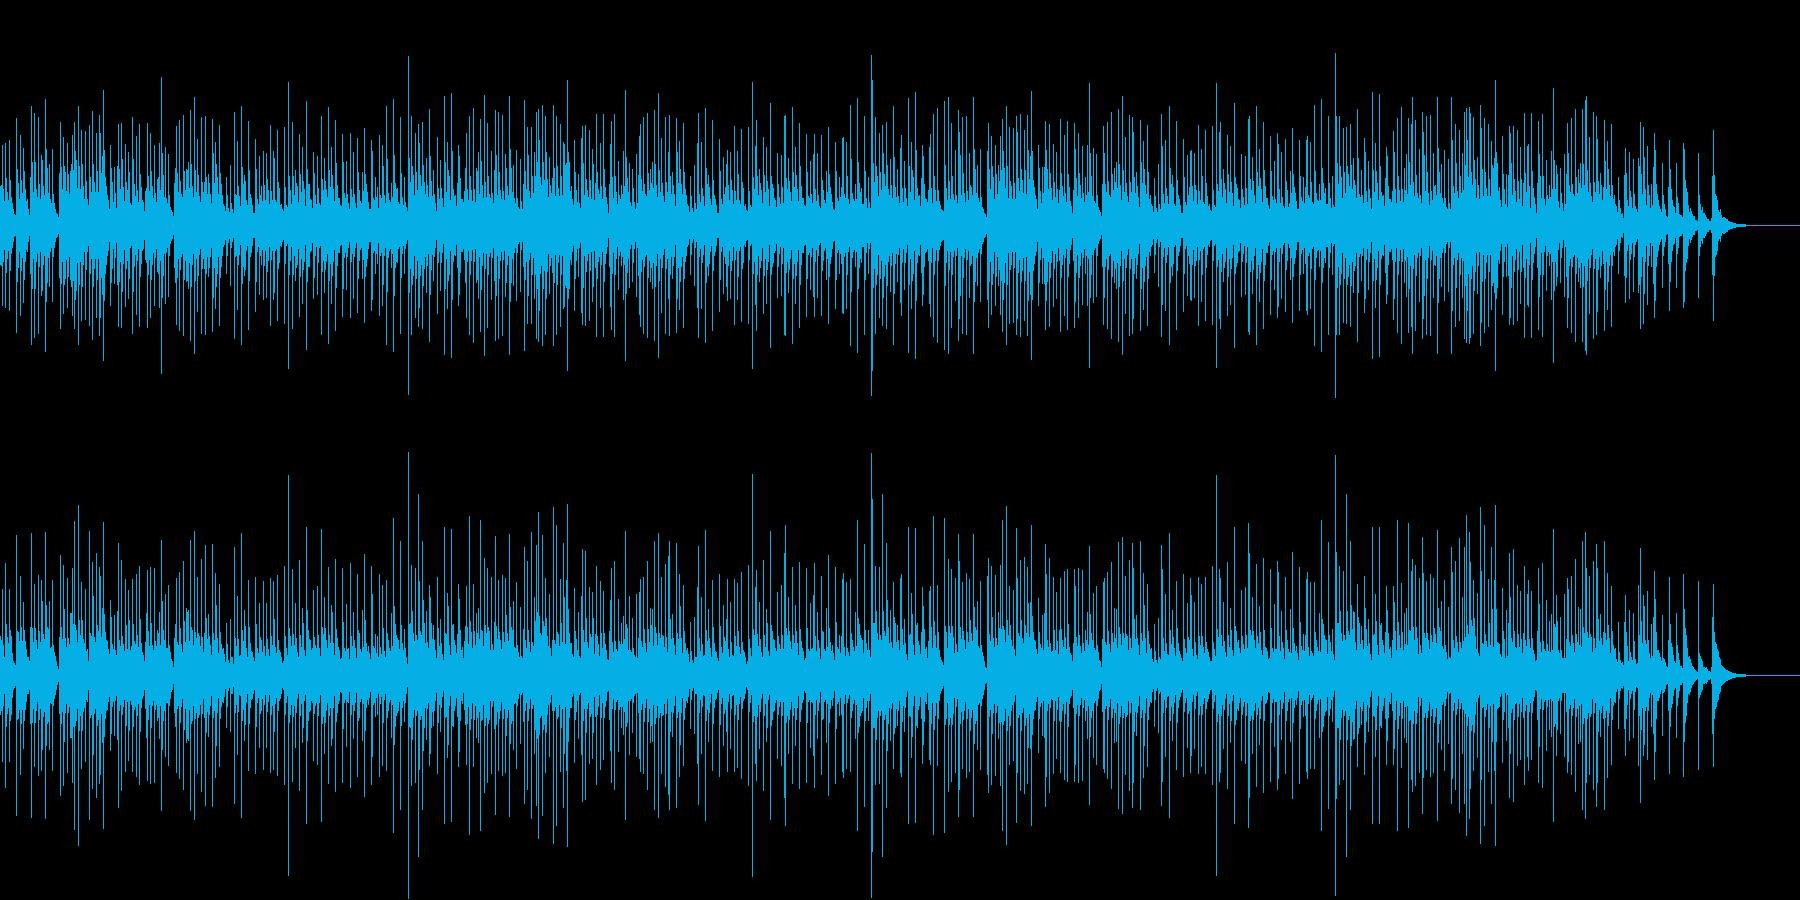 ジングルベルのオルゴール版 4分弱の再生済みの波形